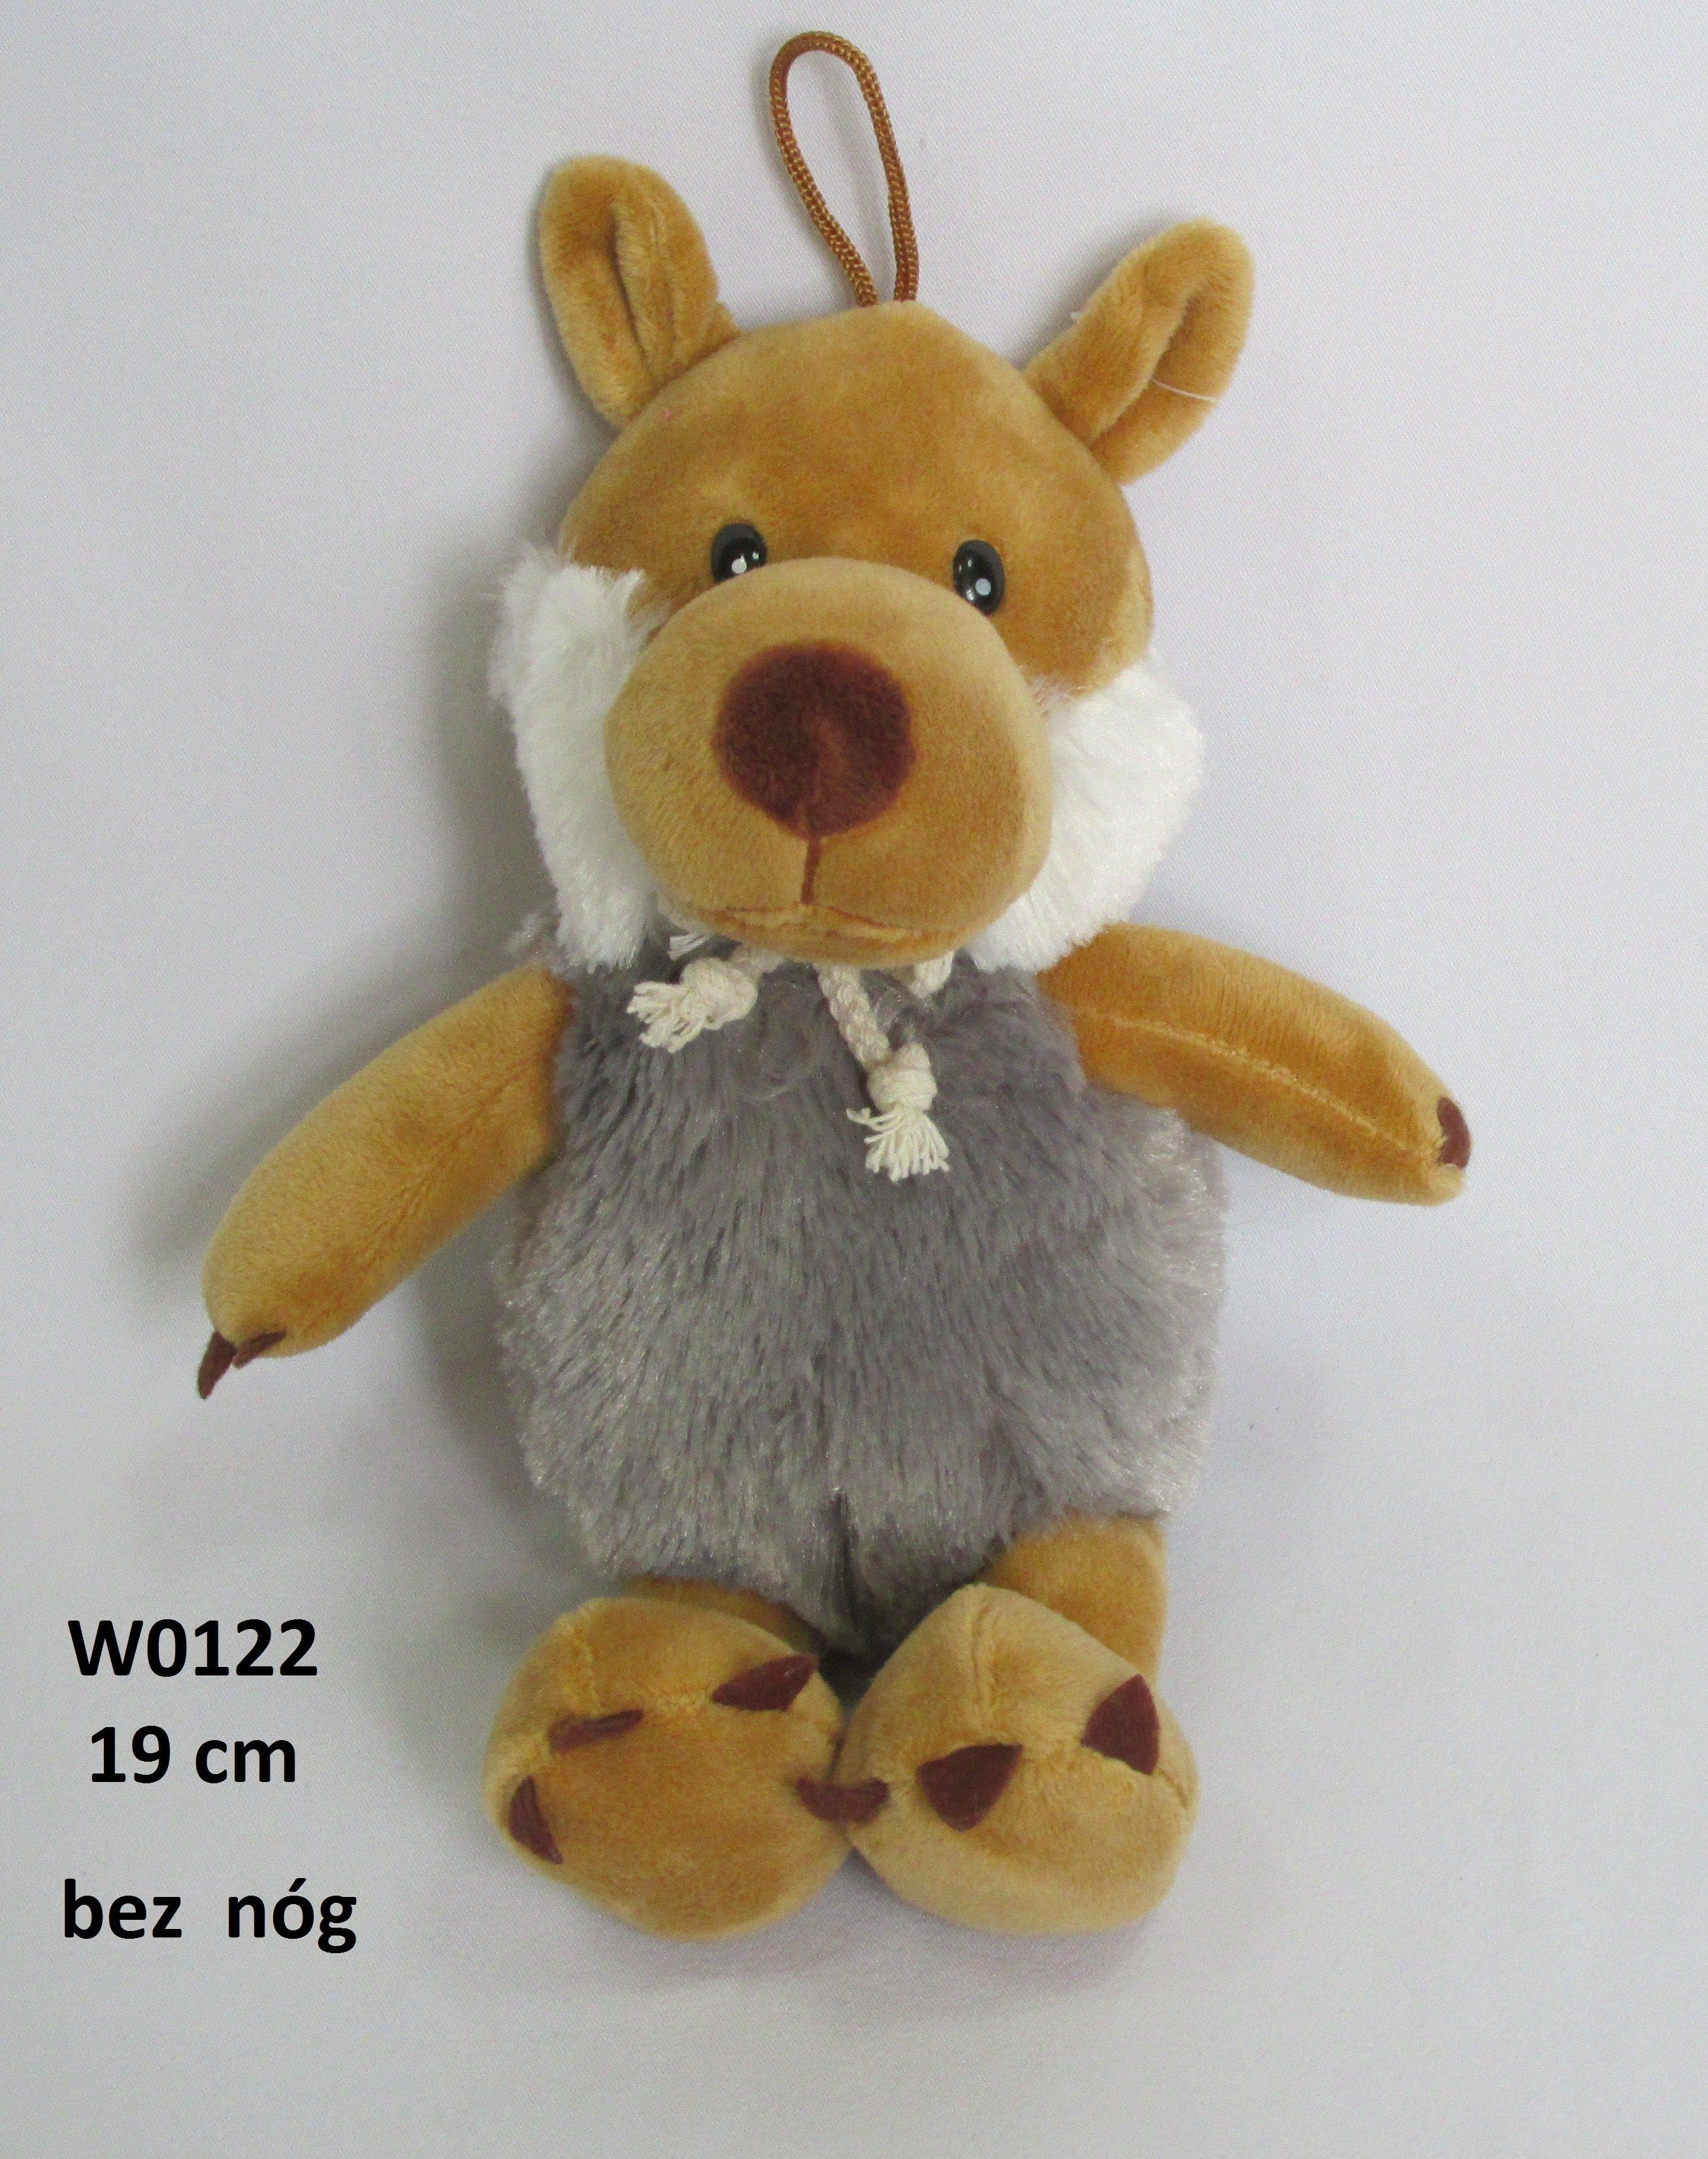 Mīkstā rotaļļieta vilks 19 cm SUN DAY W0122